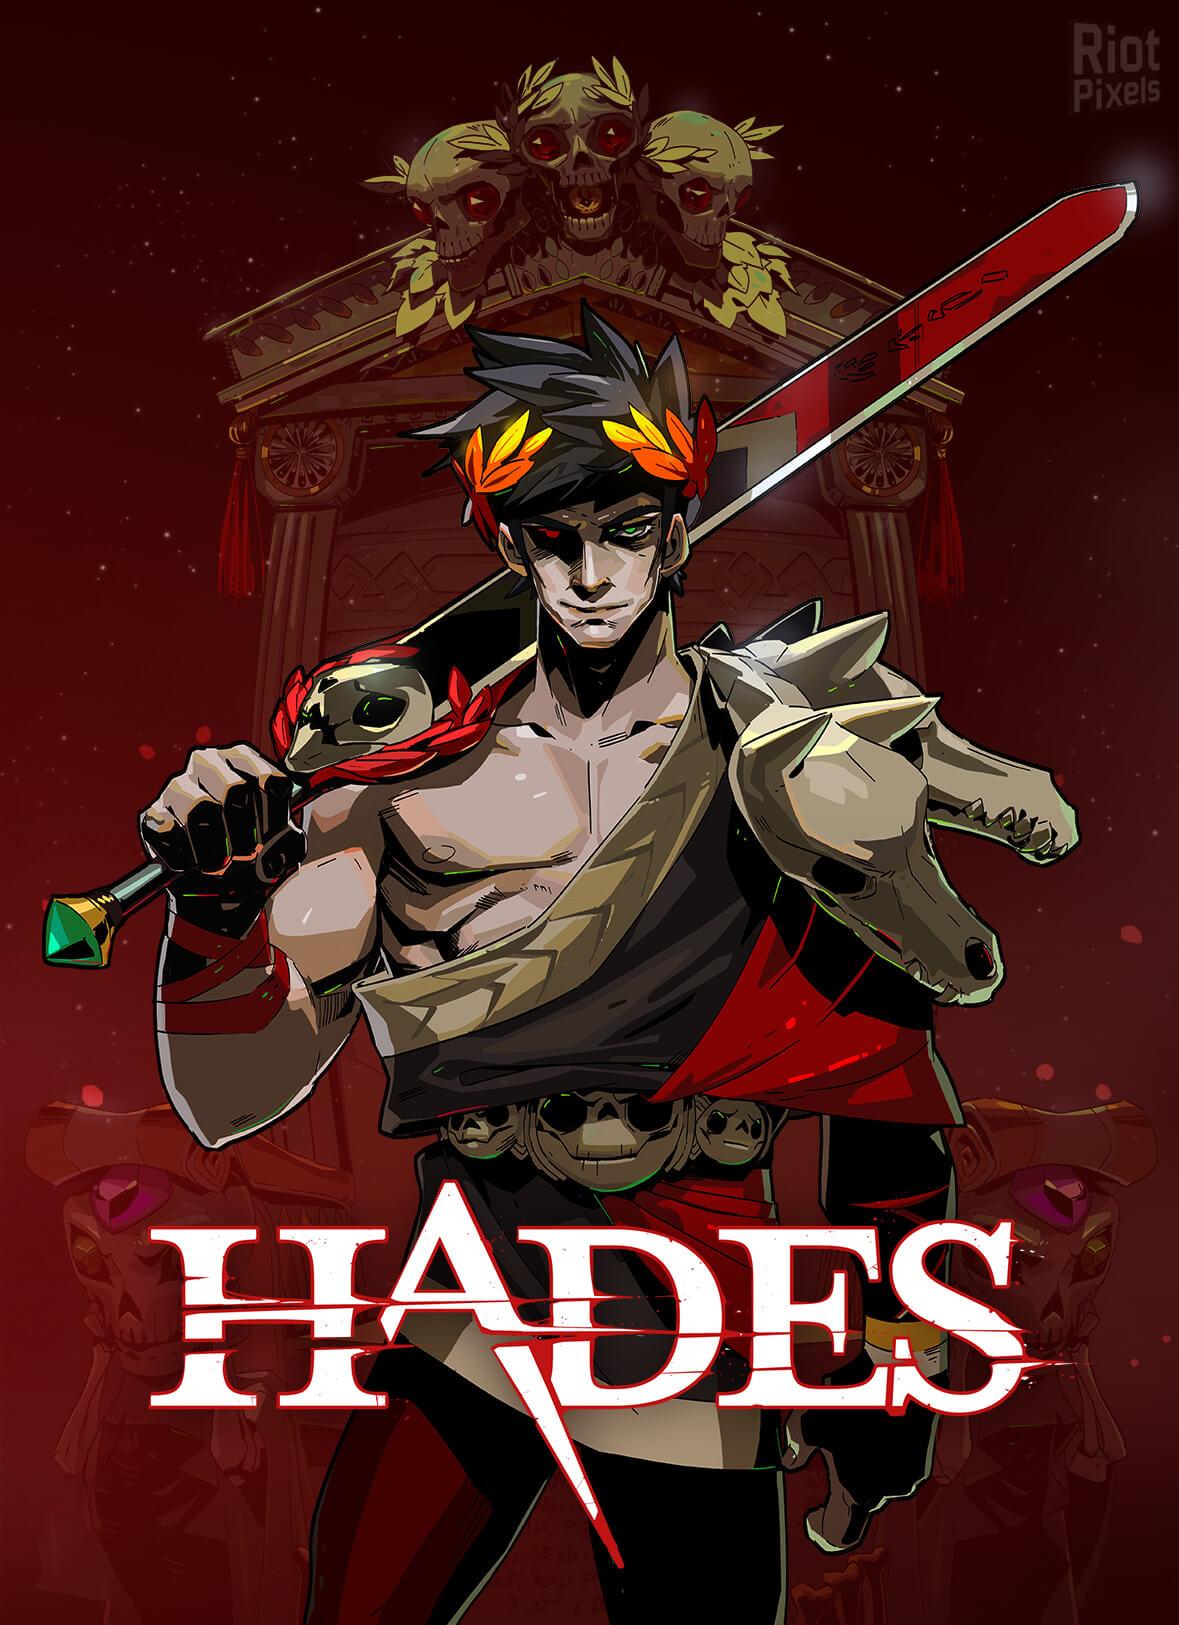 تثبيت لعبة Hades ، لعبت AAA ، العب Hades ، معاينة اللعبة Hades ، تنزيل Hades للكمبيوتر ، تنزيل Hades للكمبيوتر ، تنزيل لعبة Hades ، Play Hades Server بنصف السعر ، العب Hades مدمج ، تنزيل ألعاب Hydz لـ الكمبيوتر ، تنزيل الإصدار المضغوط من لعبة Hades ، تنزيل إصدار الكمبيوتر من لعبة Hades ، تنزيل الإصدار الكامل من لعبة Hades